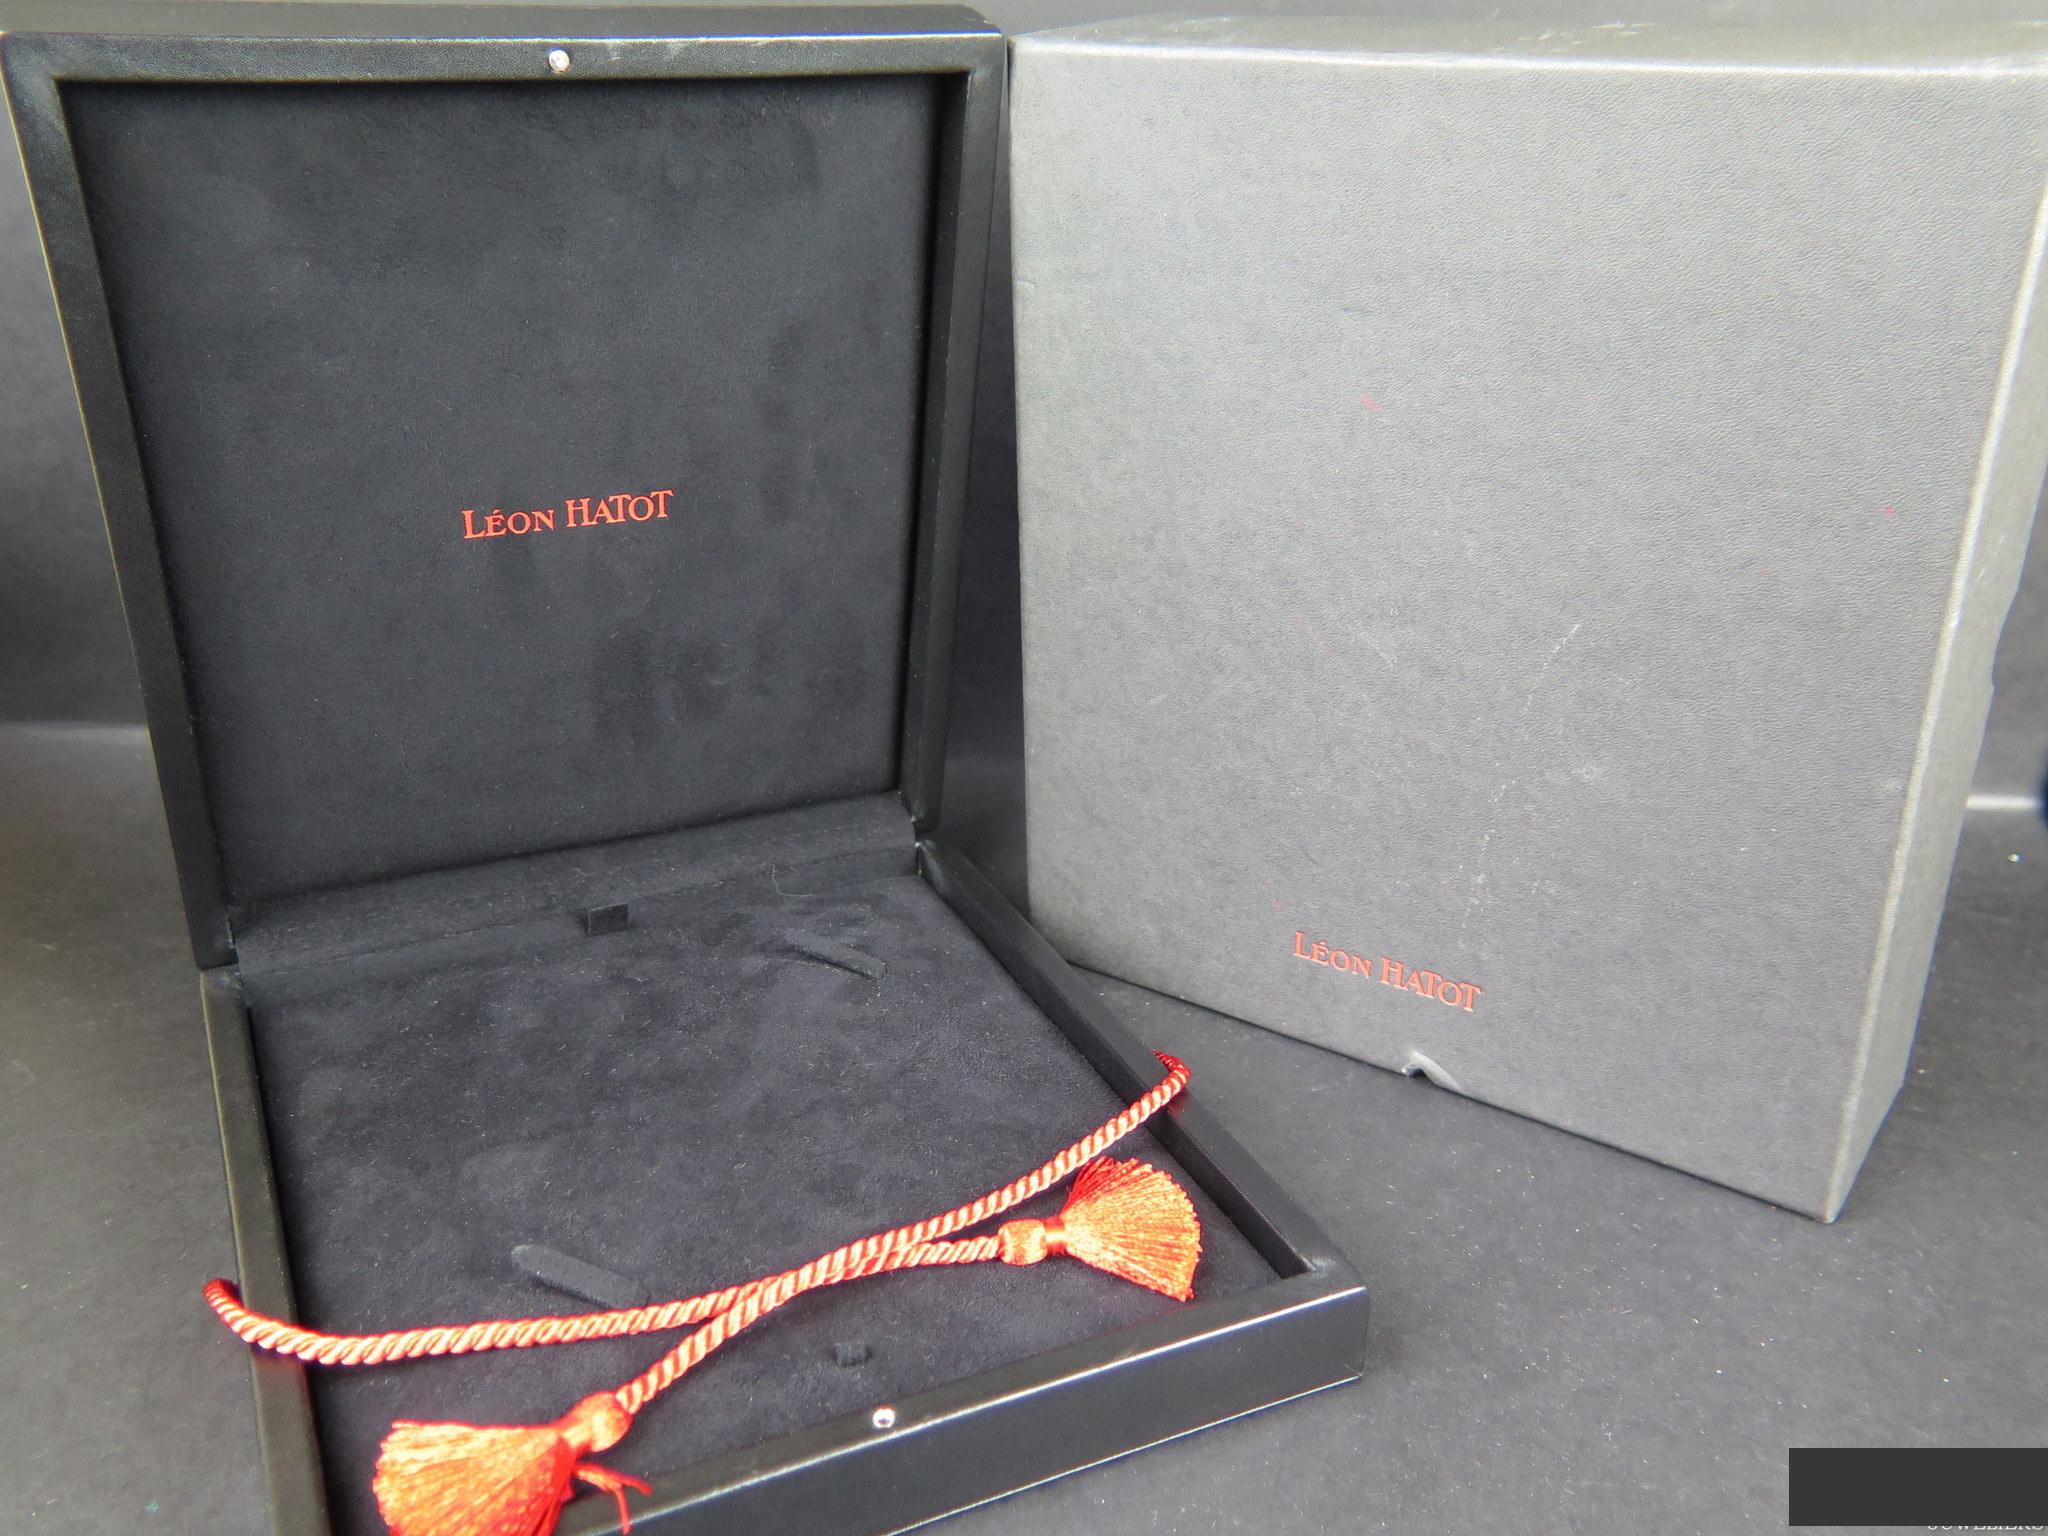 Leon Hatot Leon Hatot Box